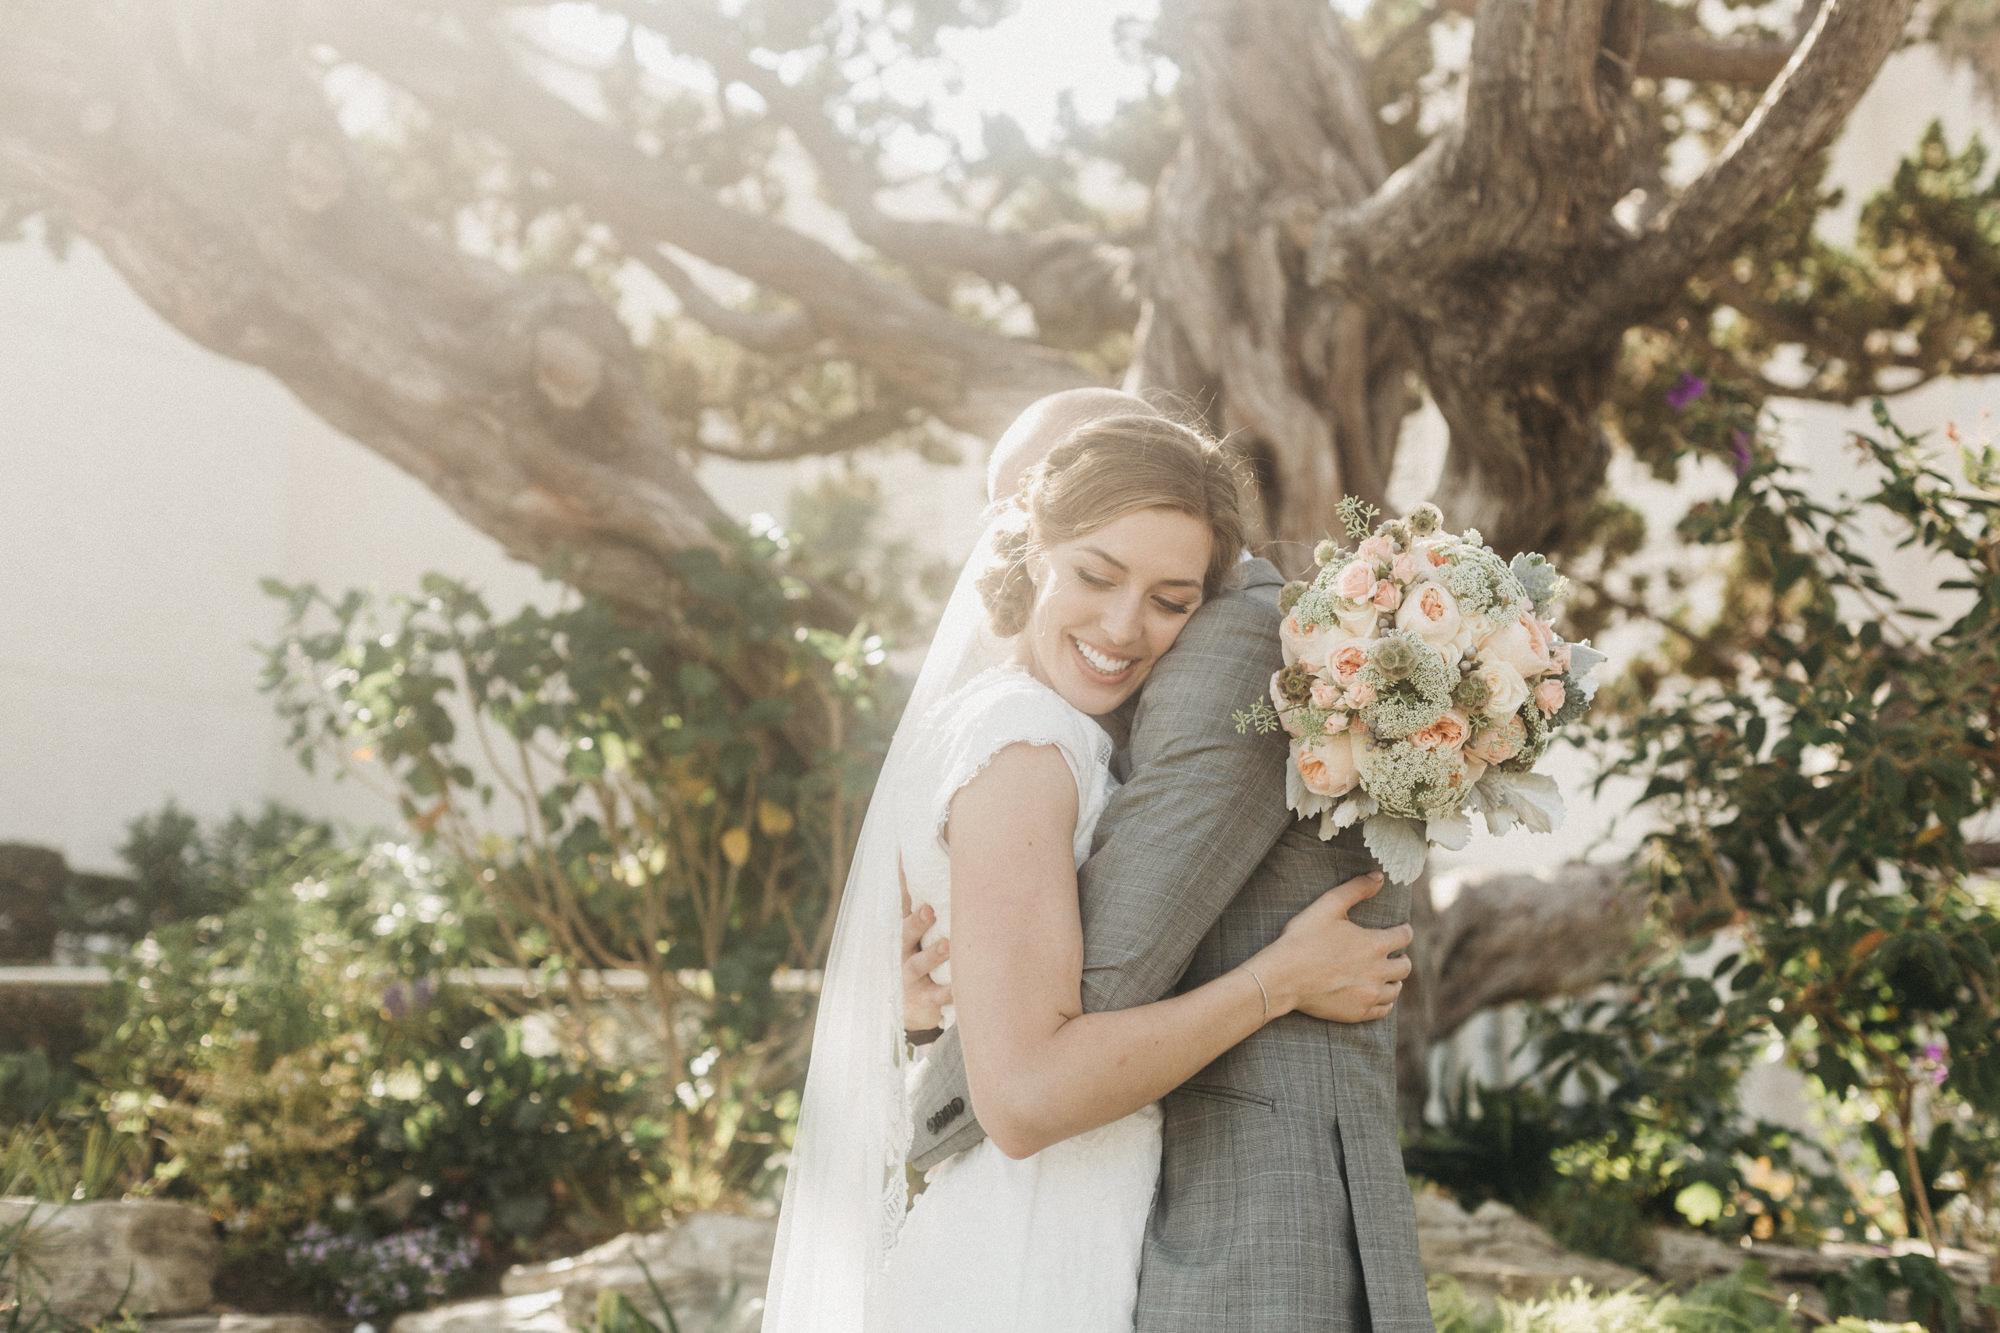 los_angeles_mormon_temple_wedding-11.jpg